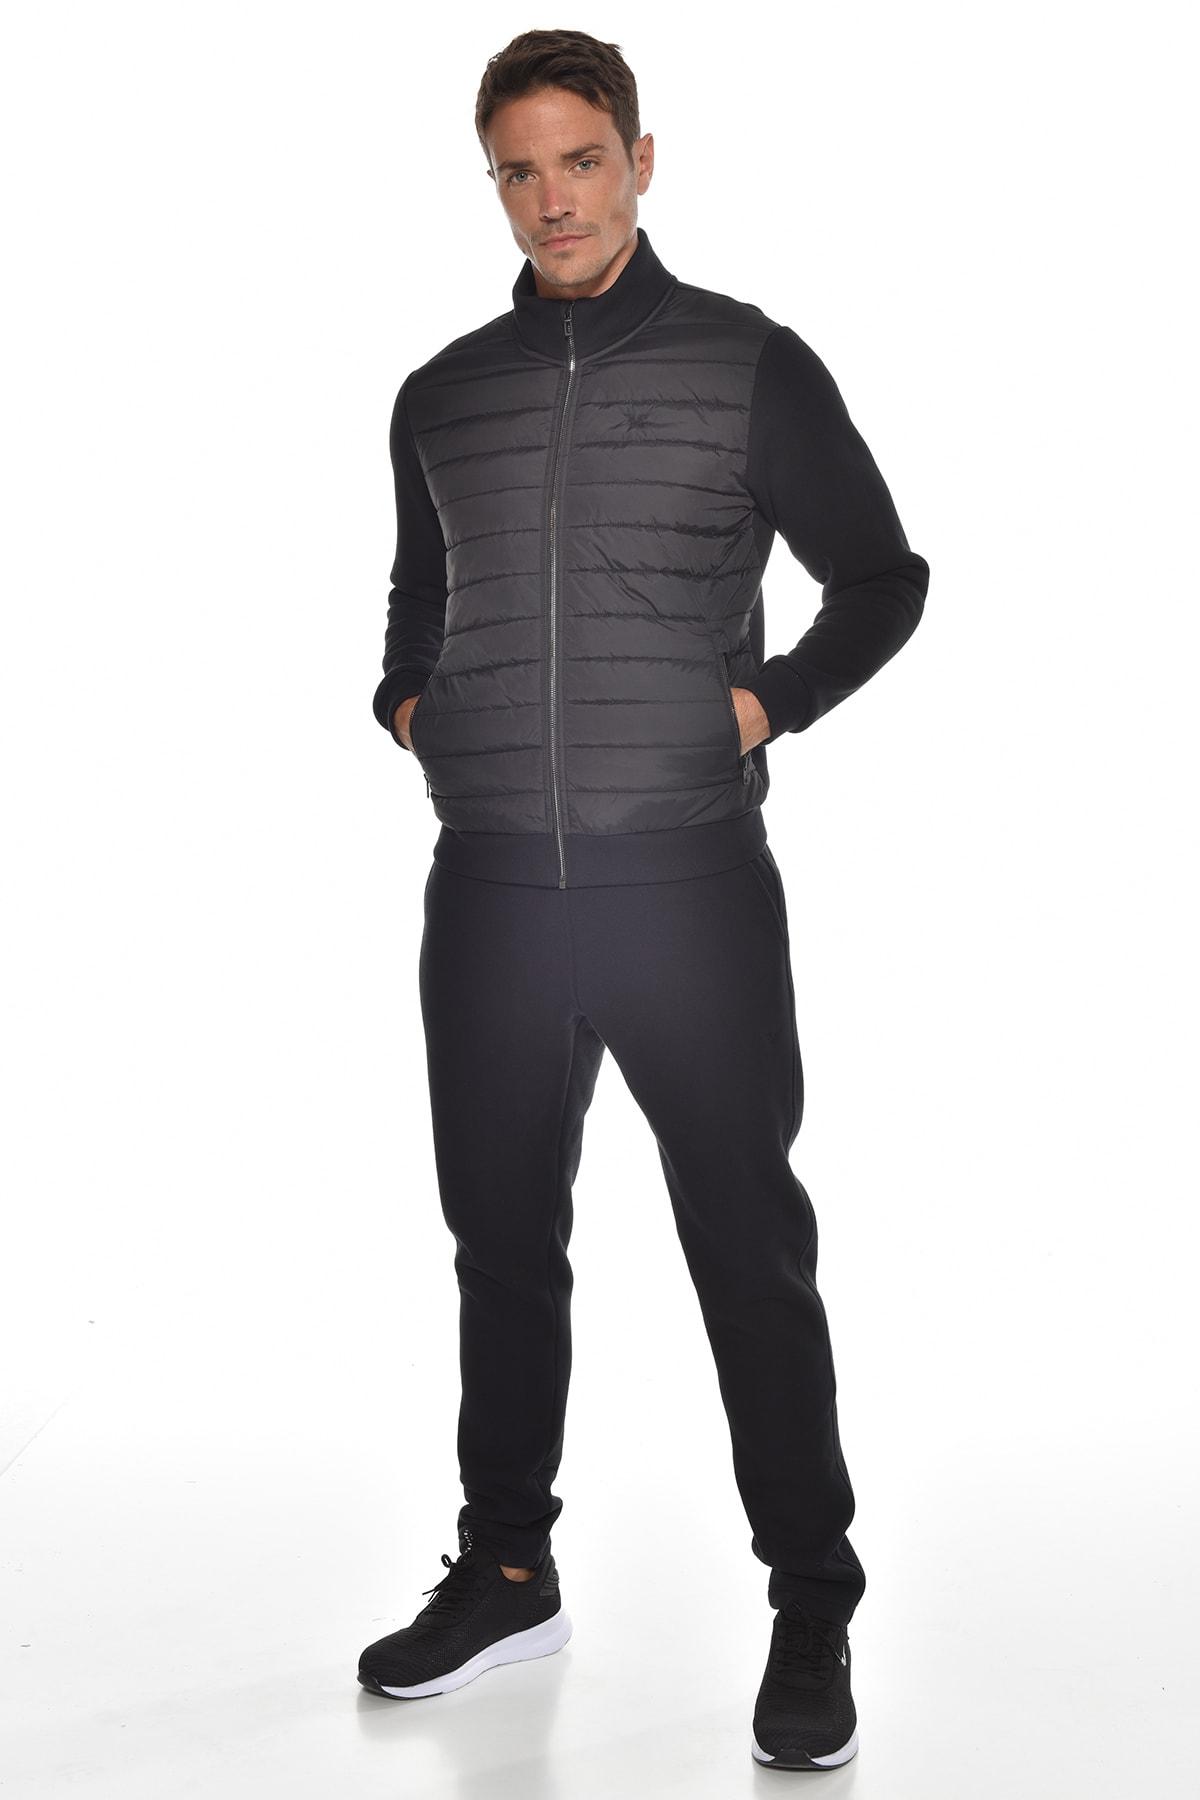 bilcee Siyah Erkek Eşofman Takım GW-9459 1